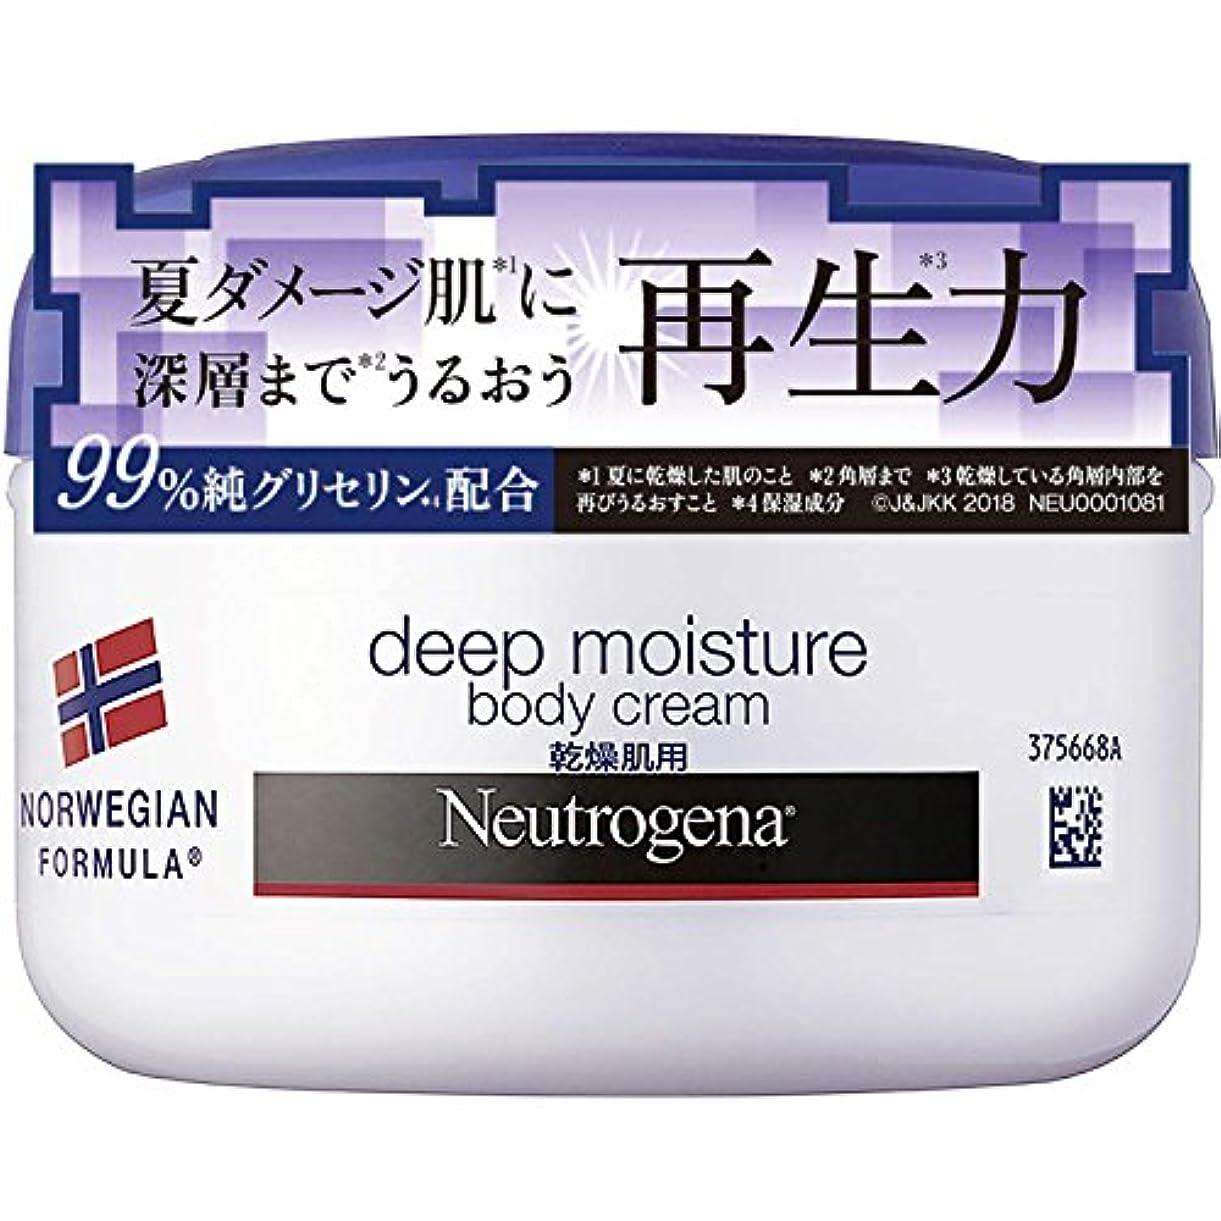 何進行中合理化Neutrogena(ニュートロジーナ) ノルウェーフォーミュラ ディープモイスチャー ボディクリーム 乾燥肌用 微香性 200ml